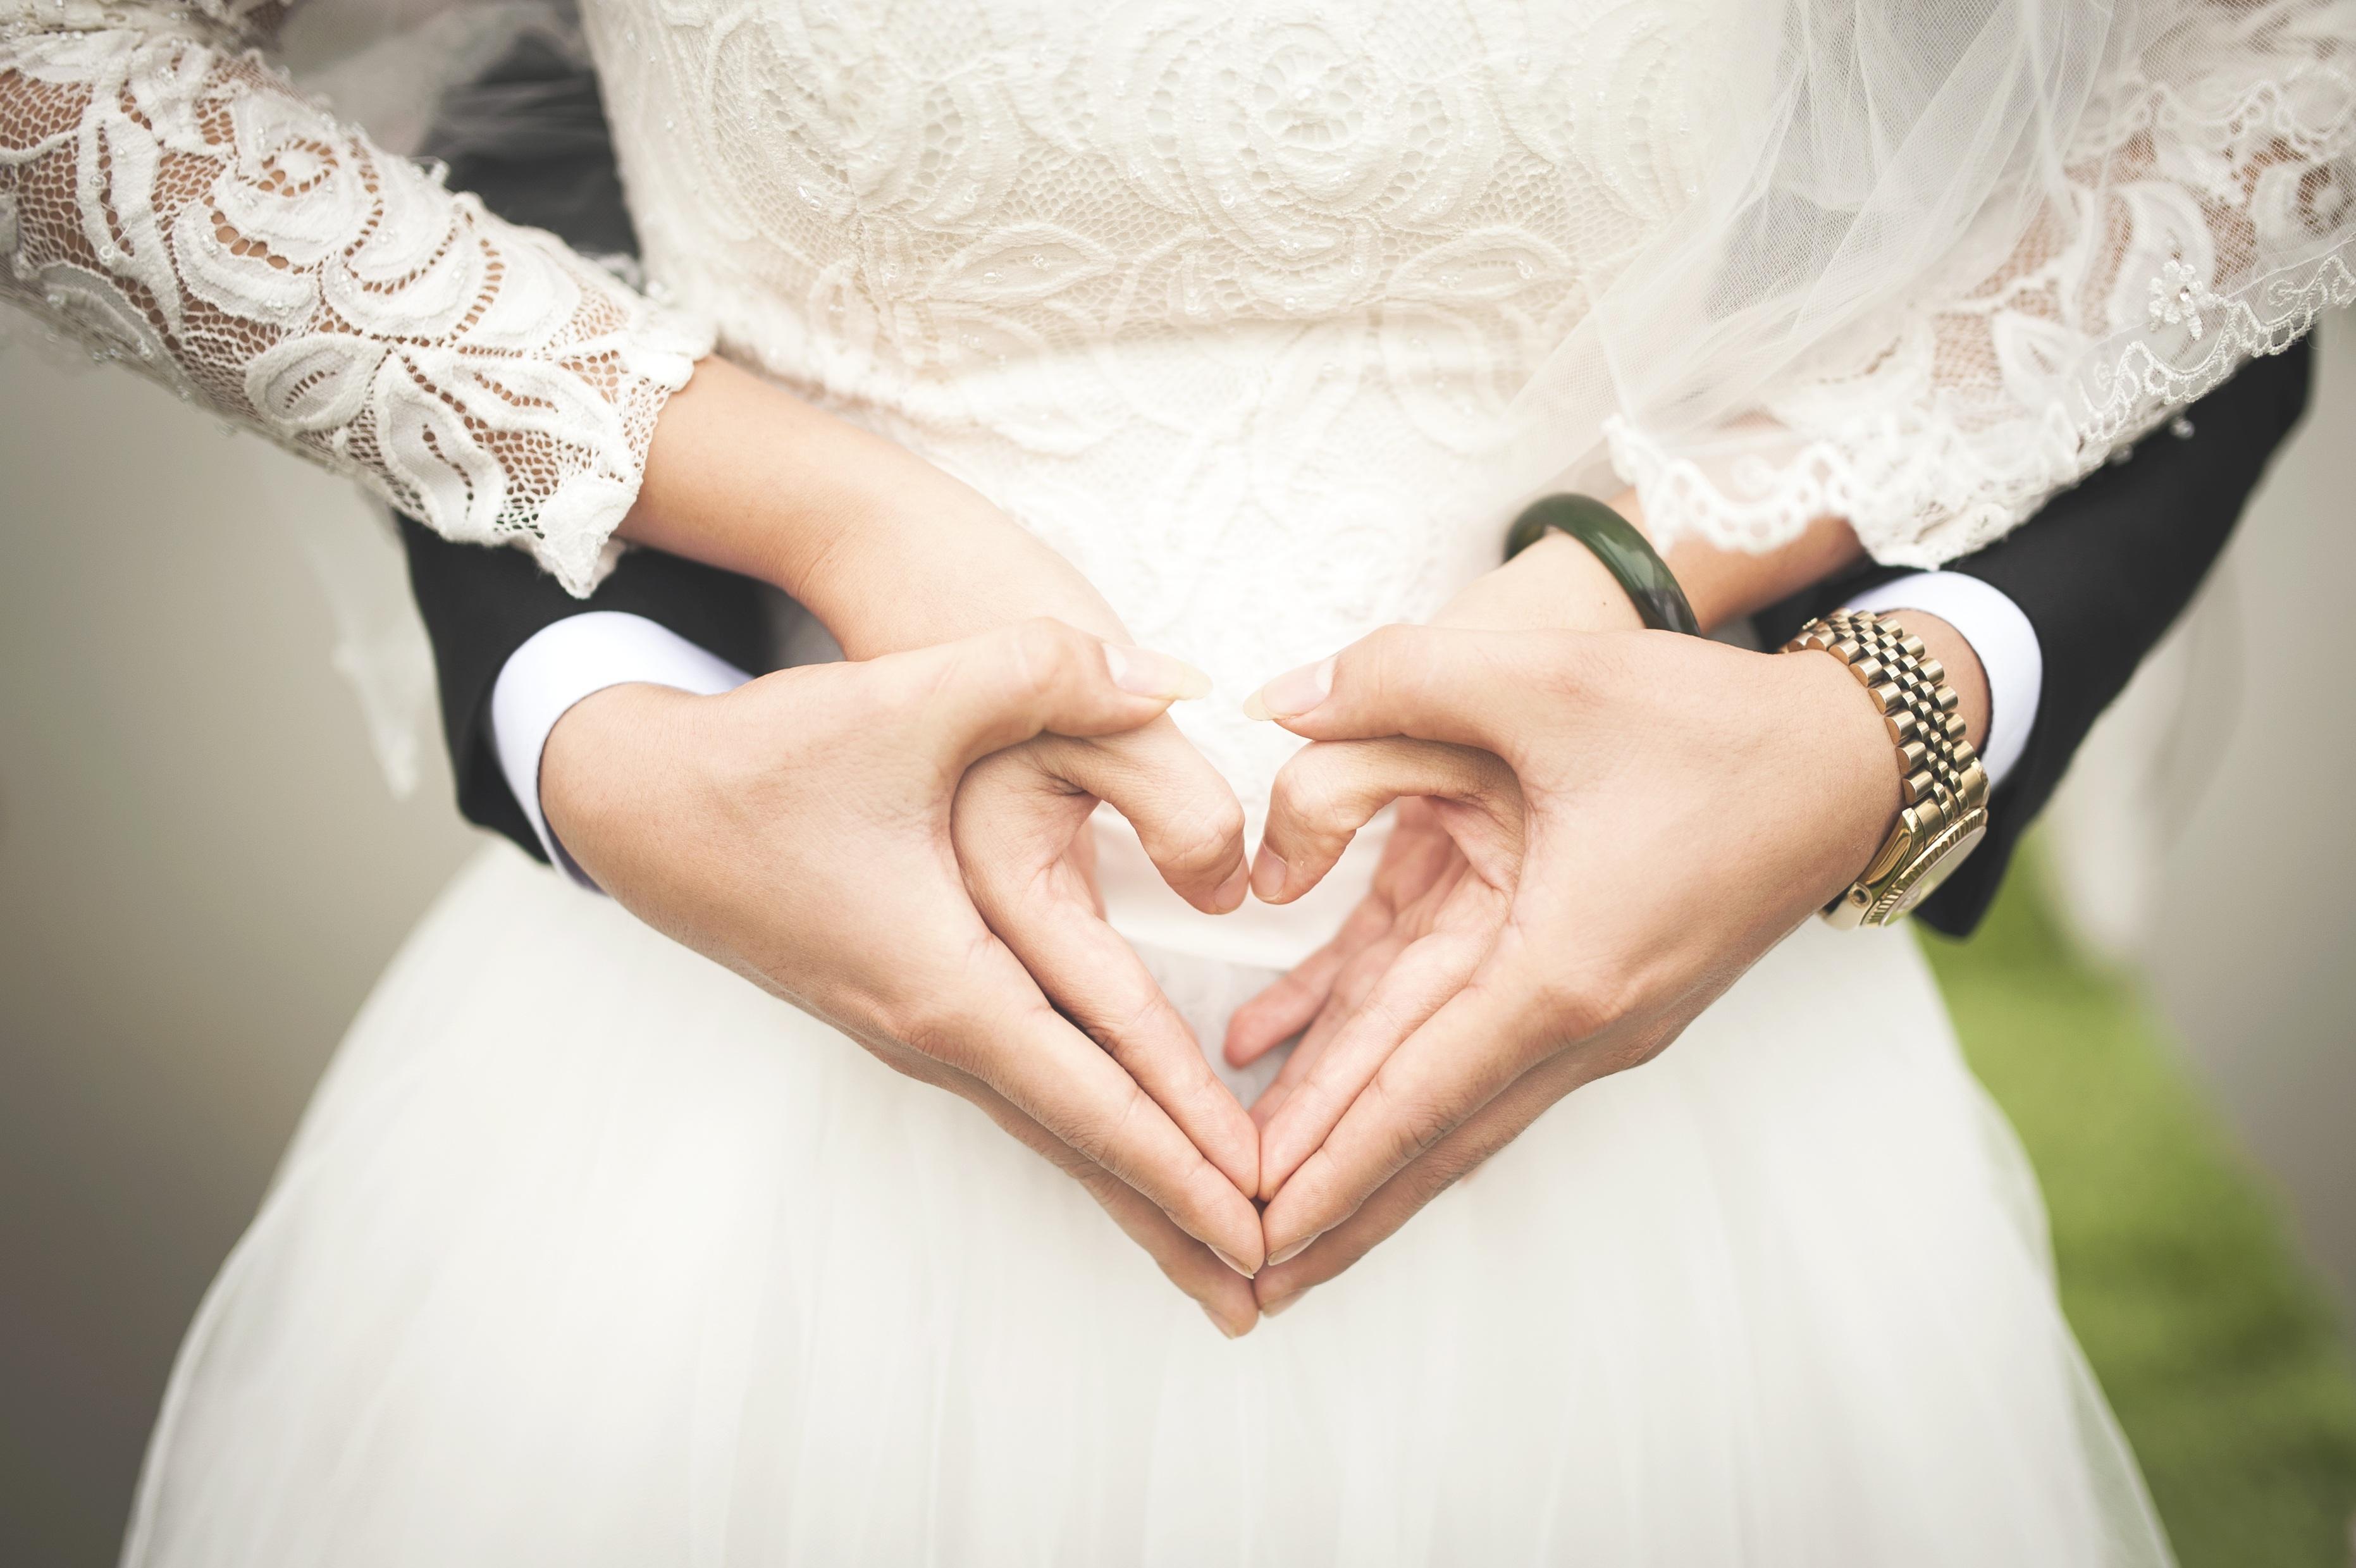 En honor de Tu BeAv: una mirada al matrimonio en Israel